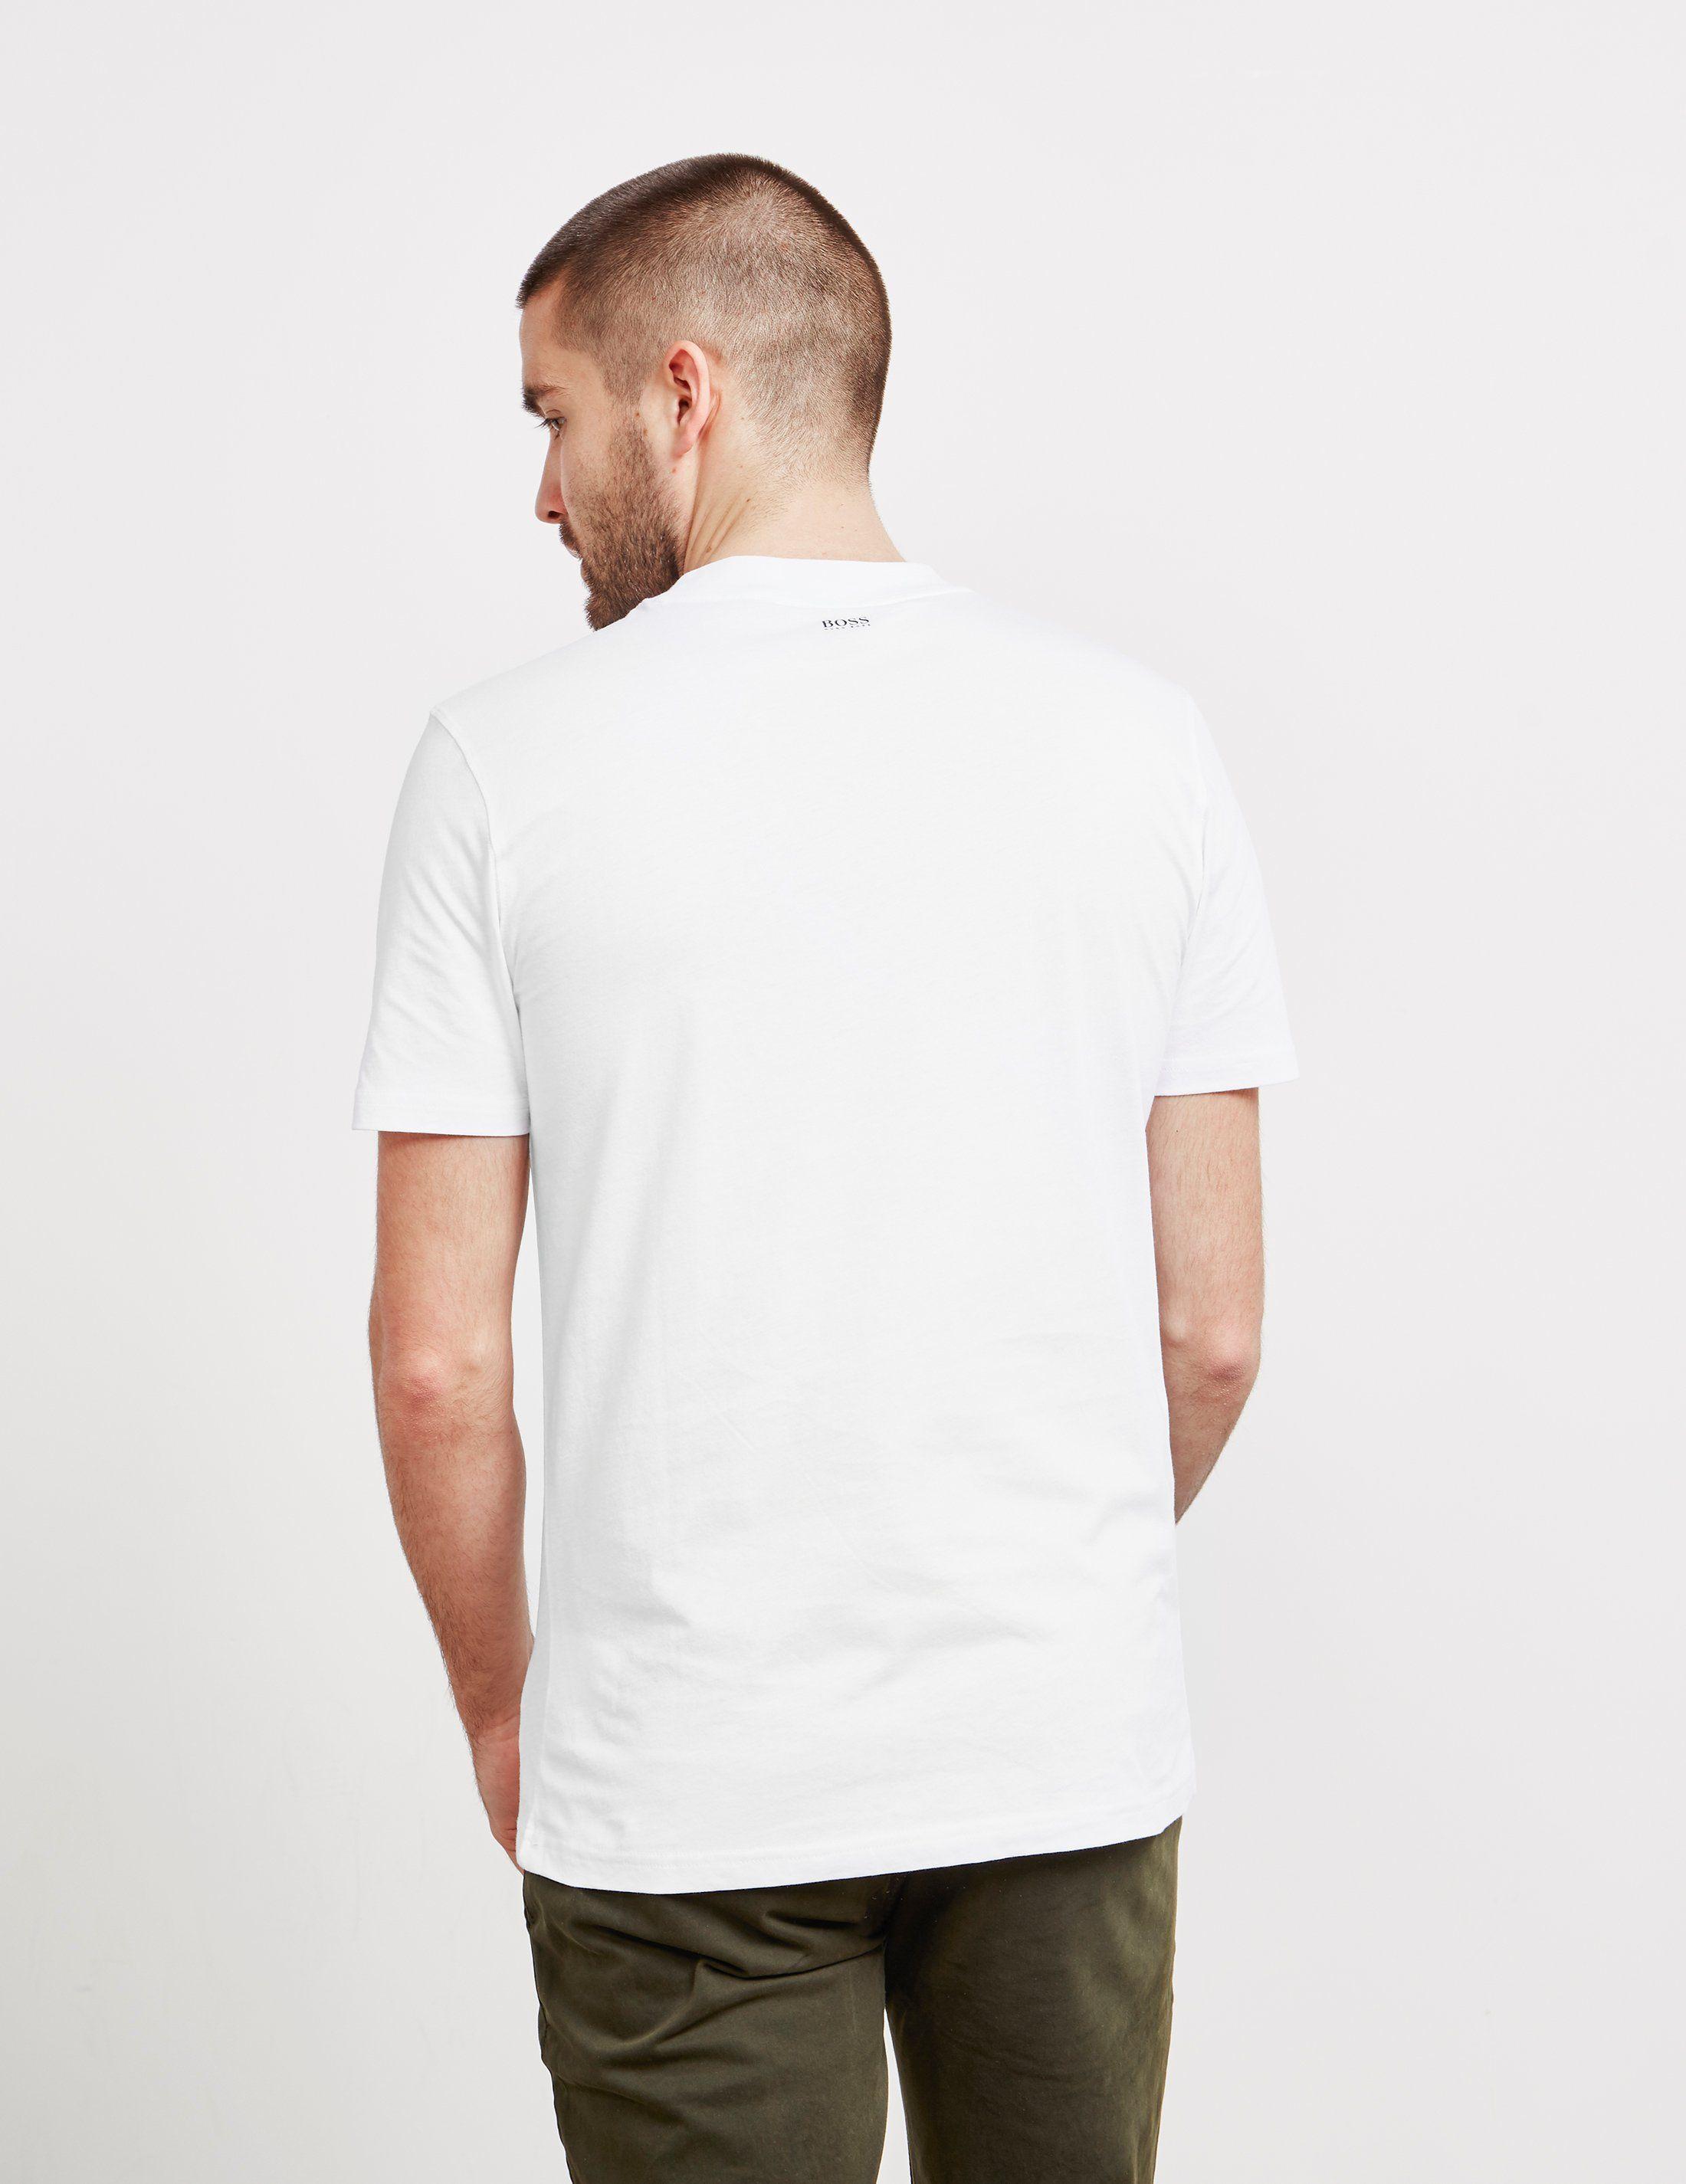 BOSS Teecher2 Short Sleeve T-Shirt